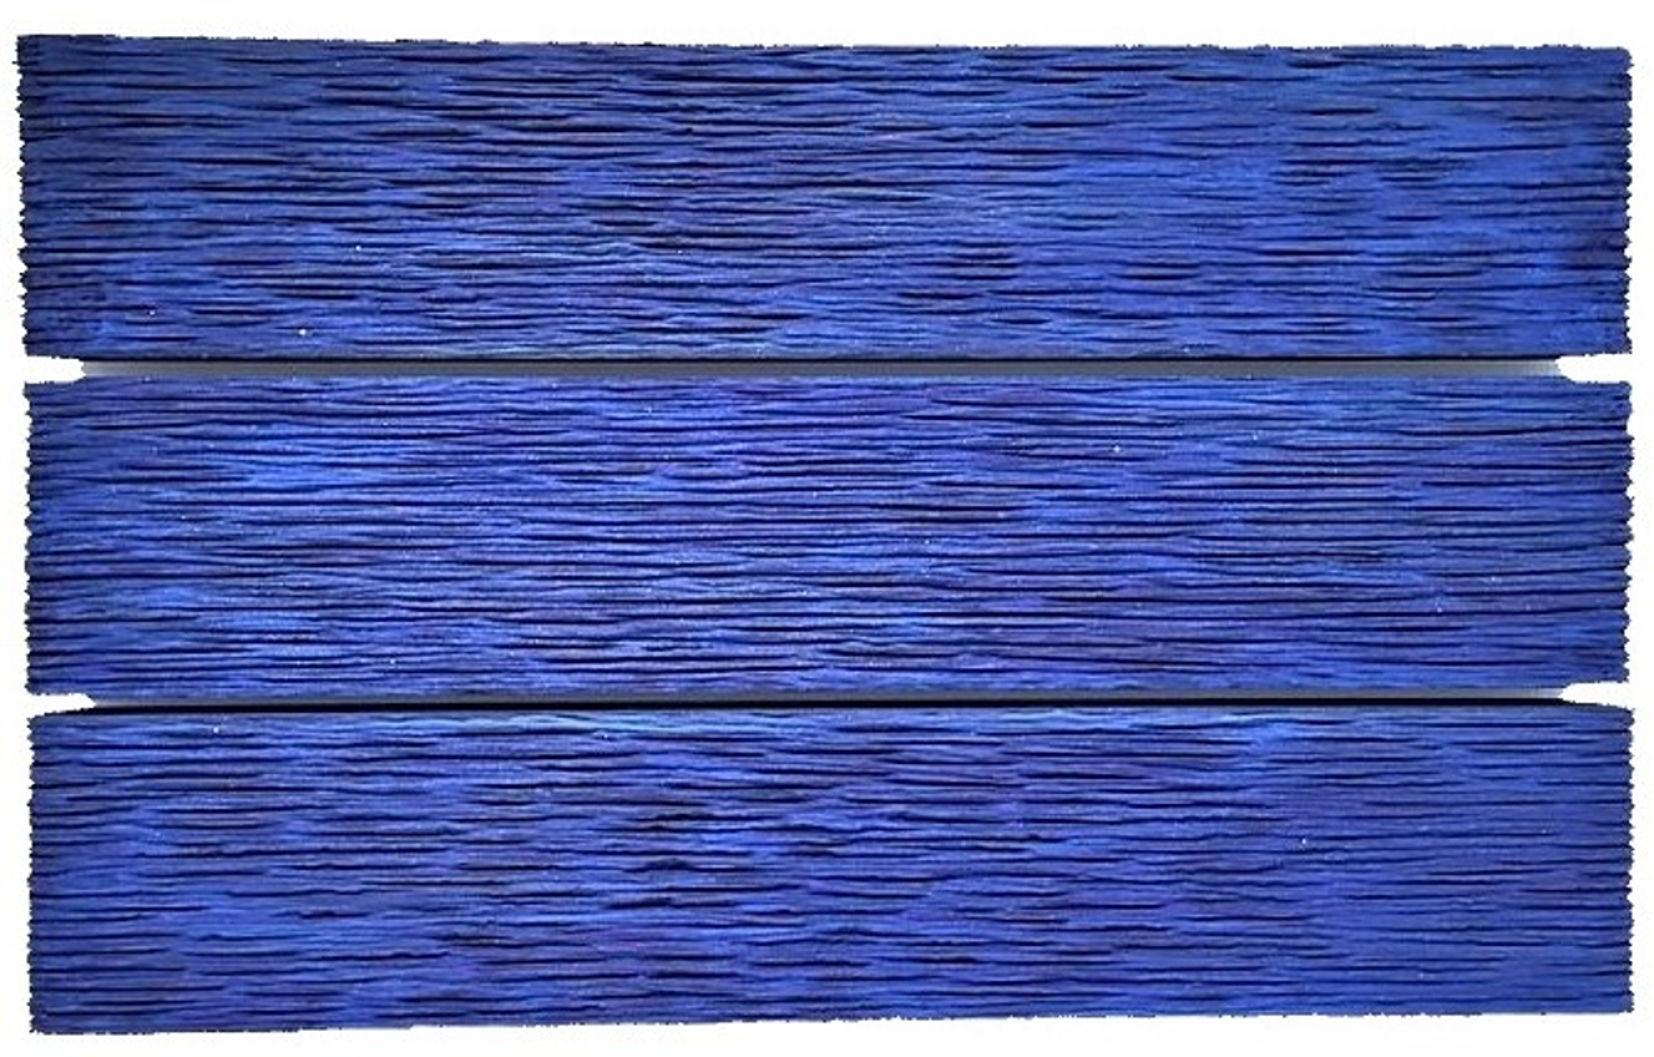 Dieter Kränzlein, Ohne Titel, 2017, Marmor,Farbe, 3-teilig, 63 x 100 cm